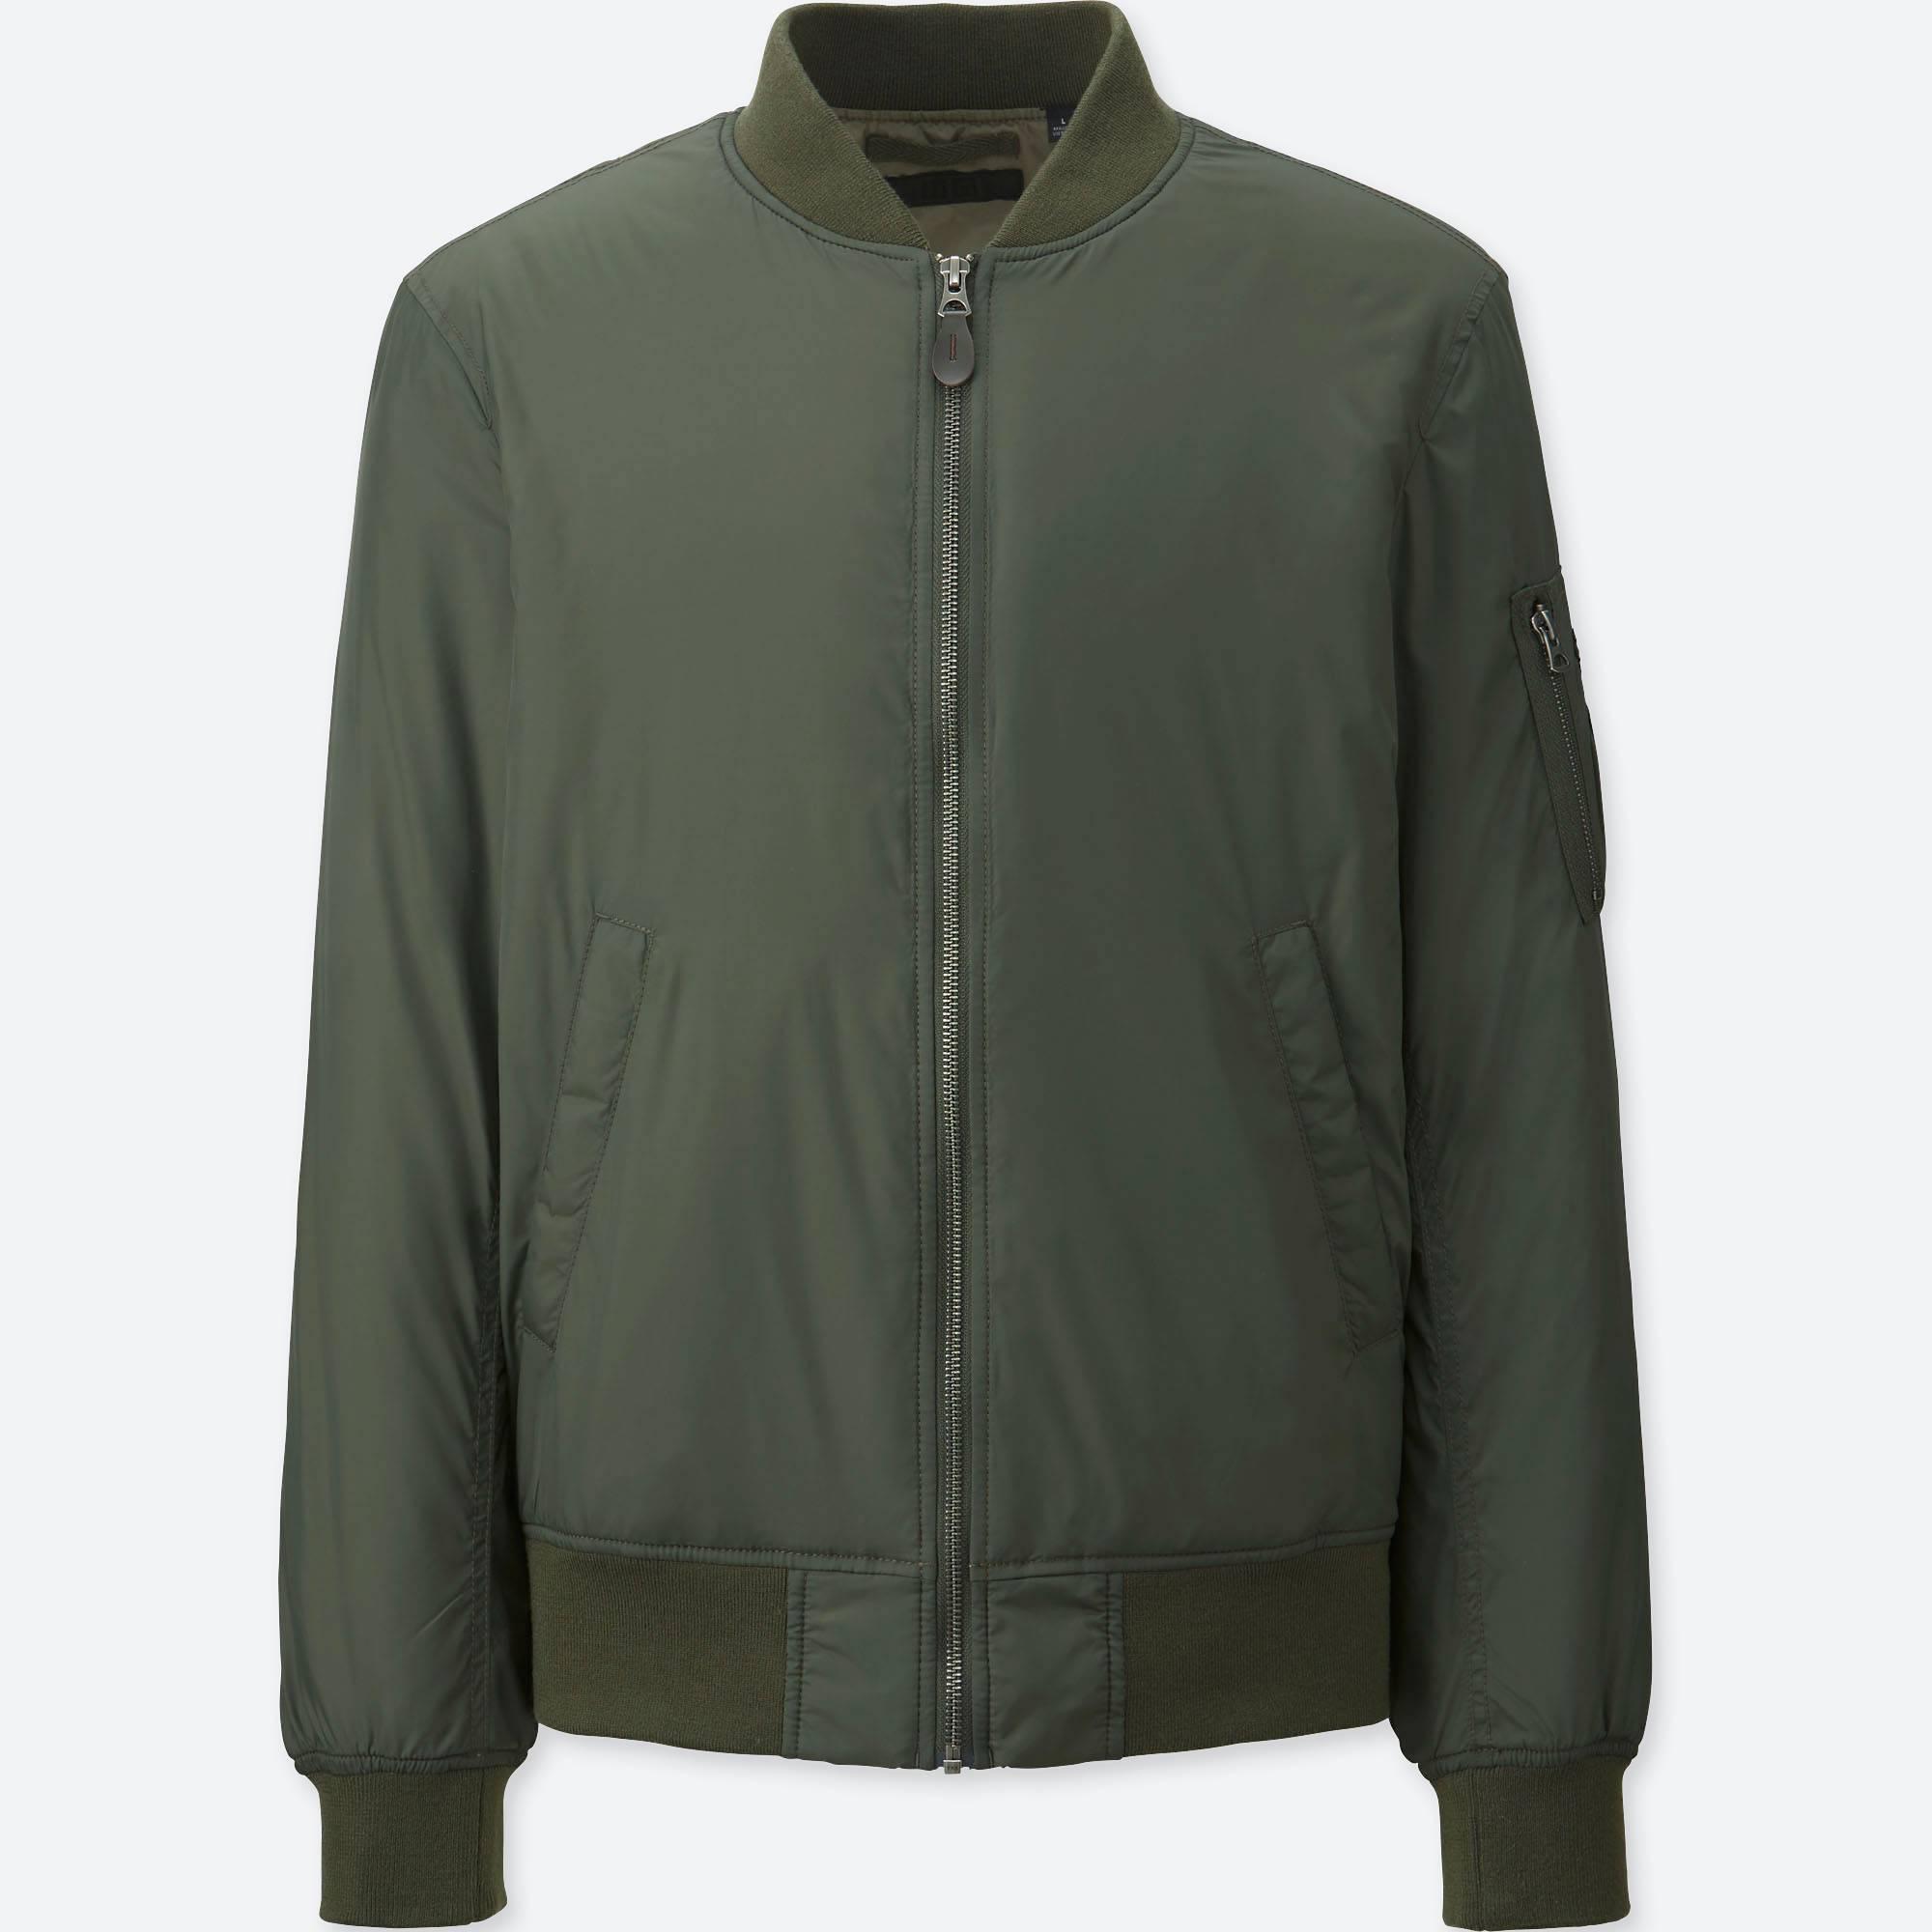 Tan Bomber Jacket Mens - JacketIn